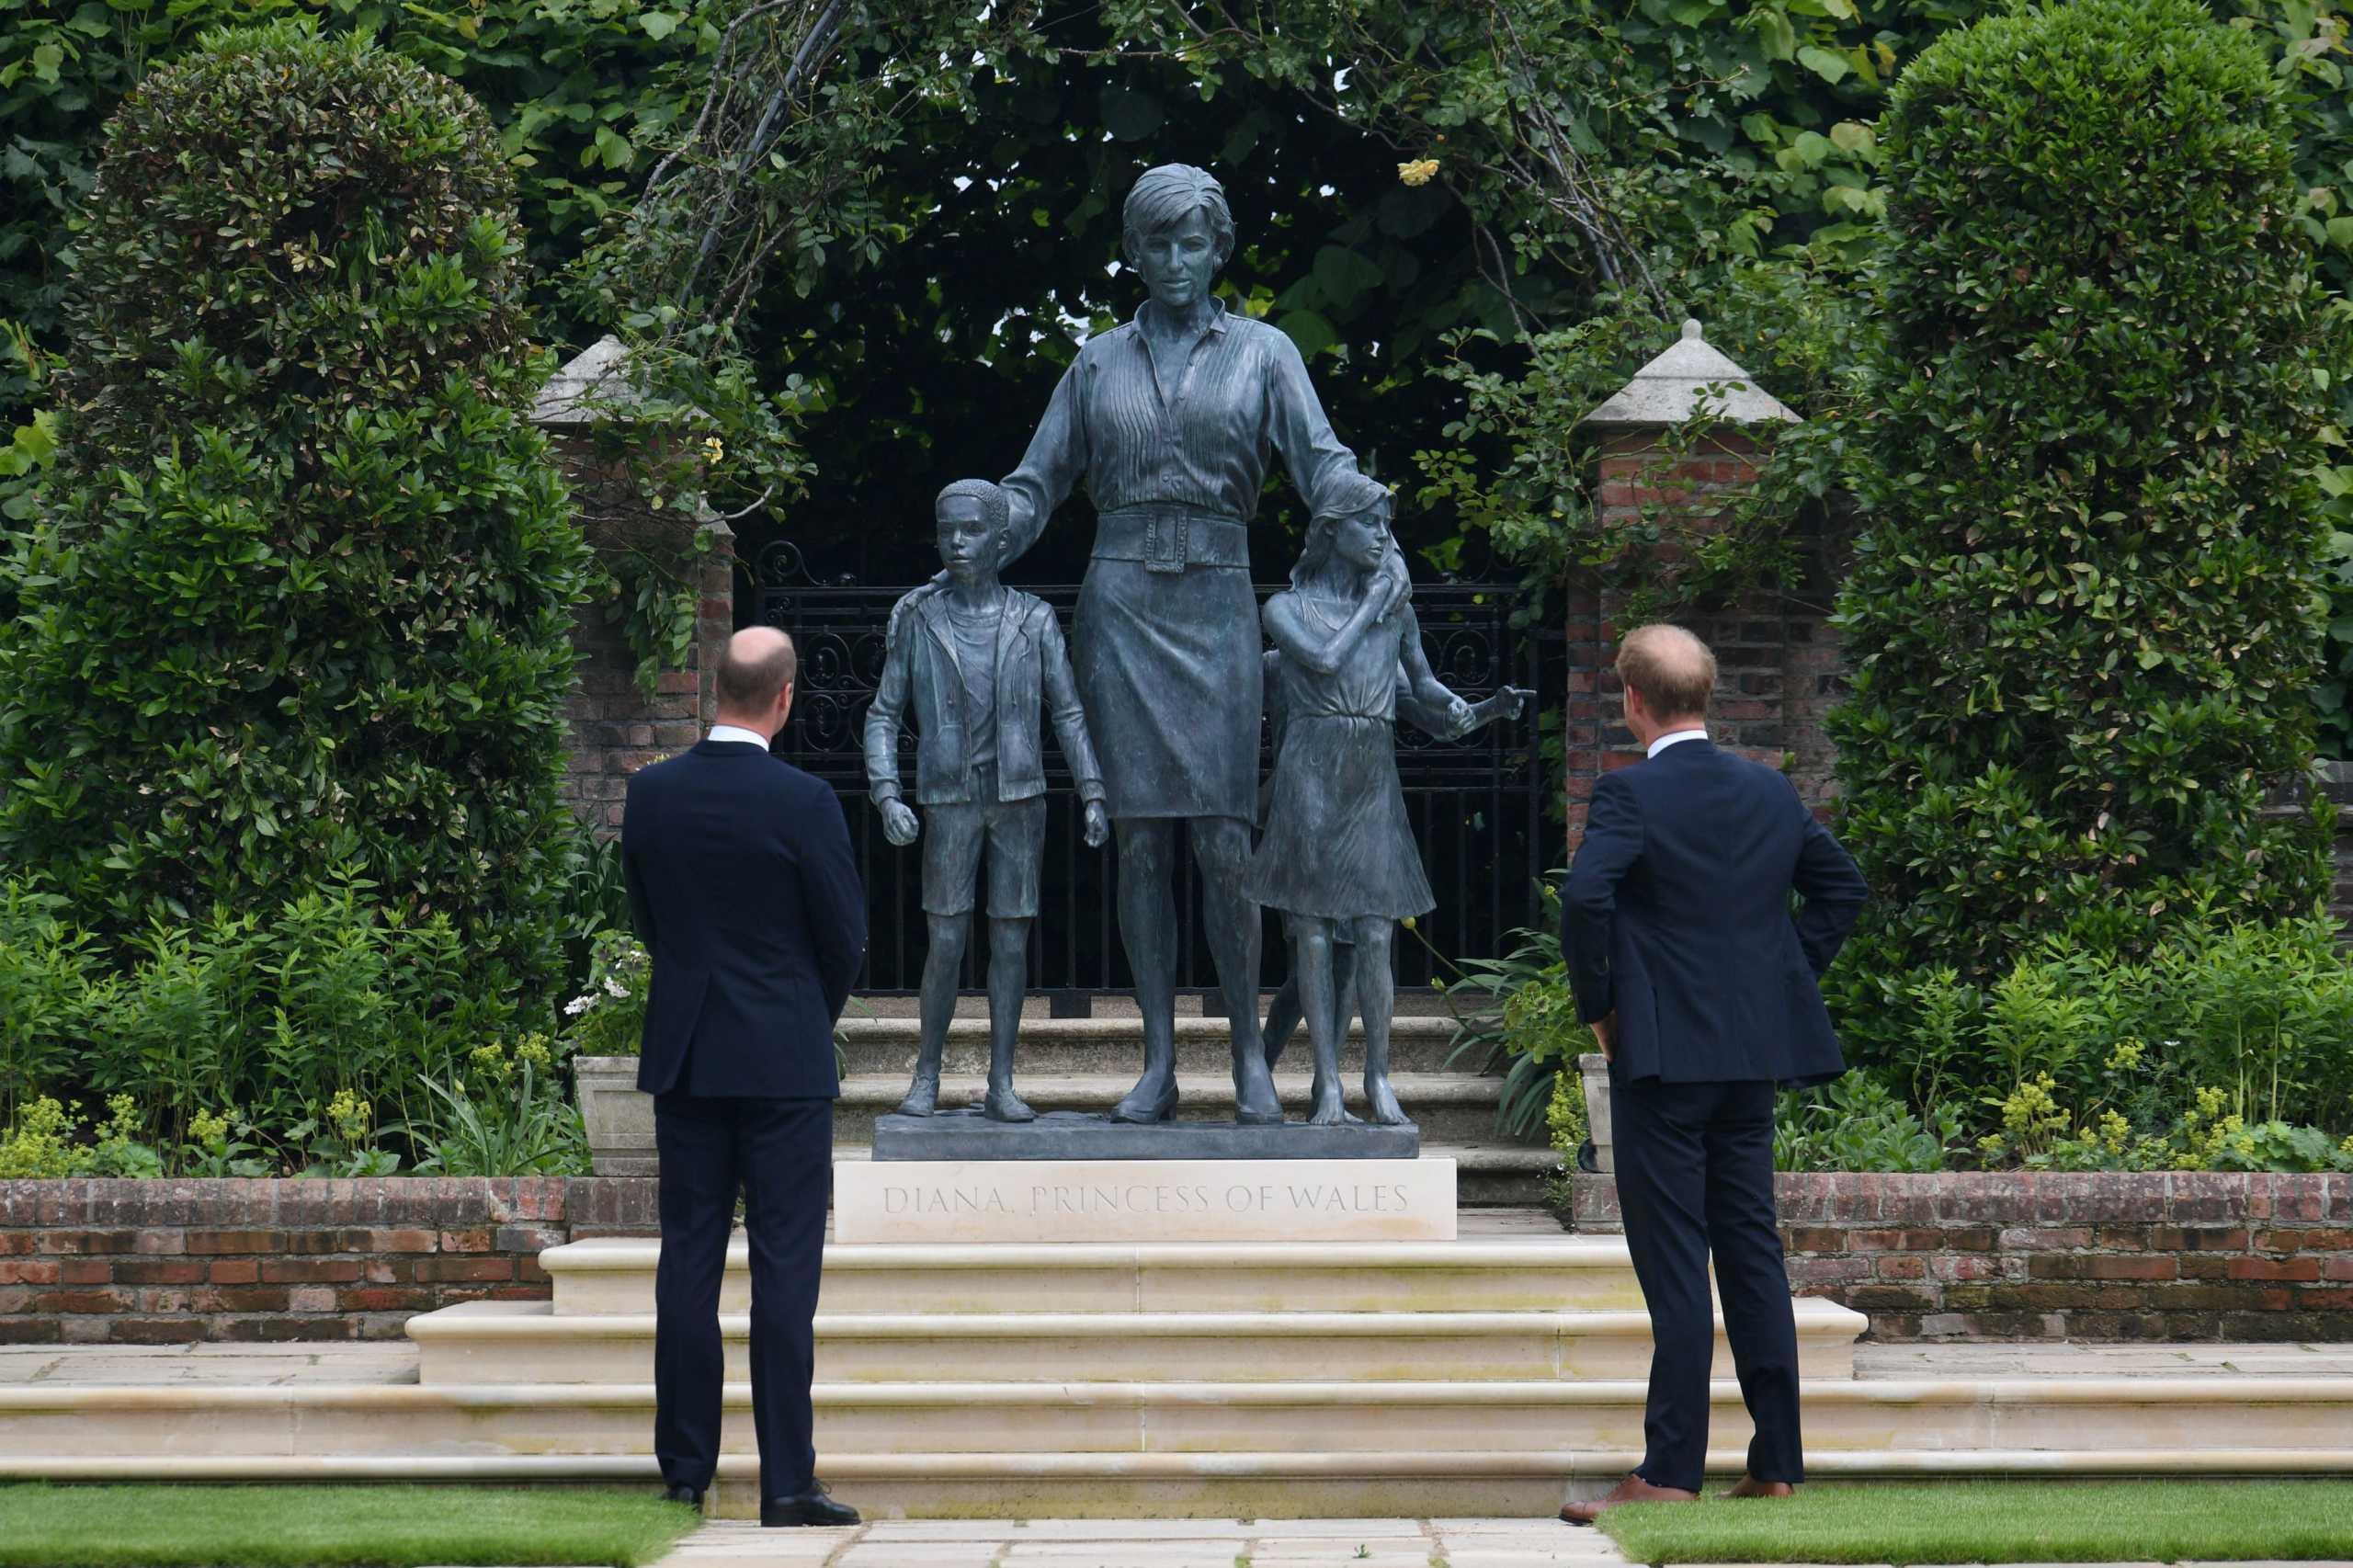 Πριγκίπισσα Νταϊάνα: Γουίλιαμ και Χάρι αποκάλυψαν το άγαλμα στη μνήμη της μητέρας τους